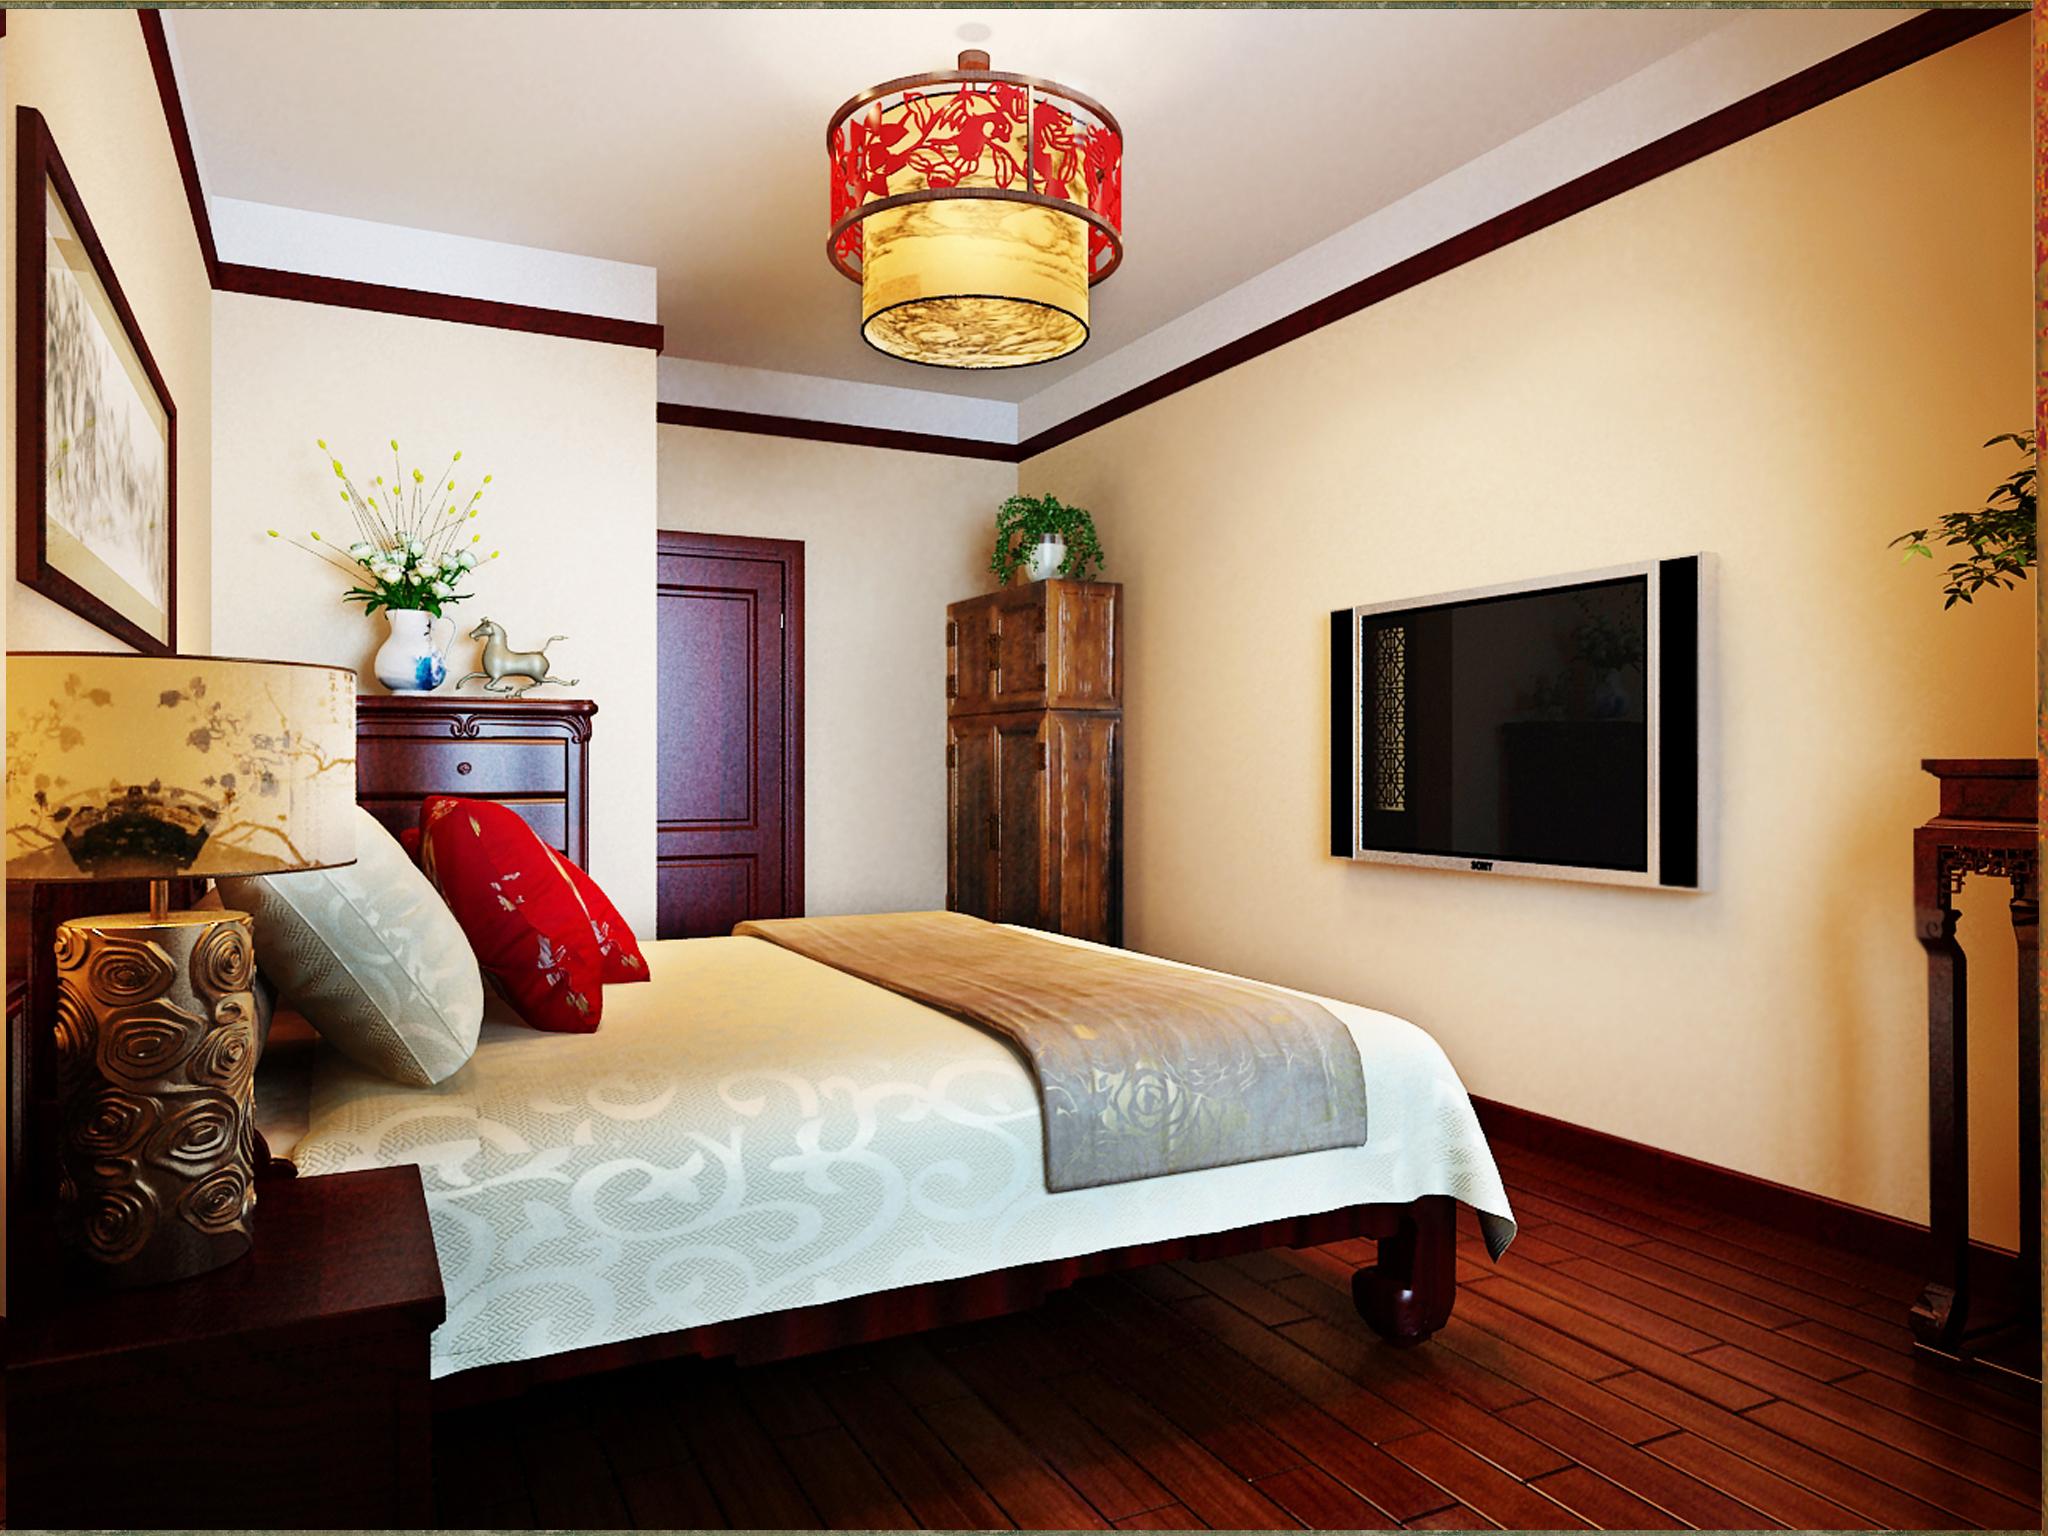 中式客房布置图片大全